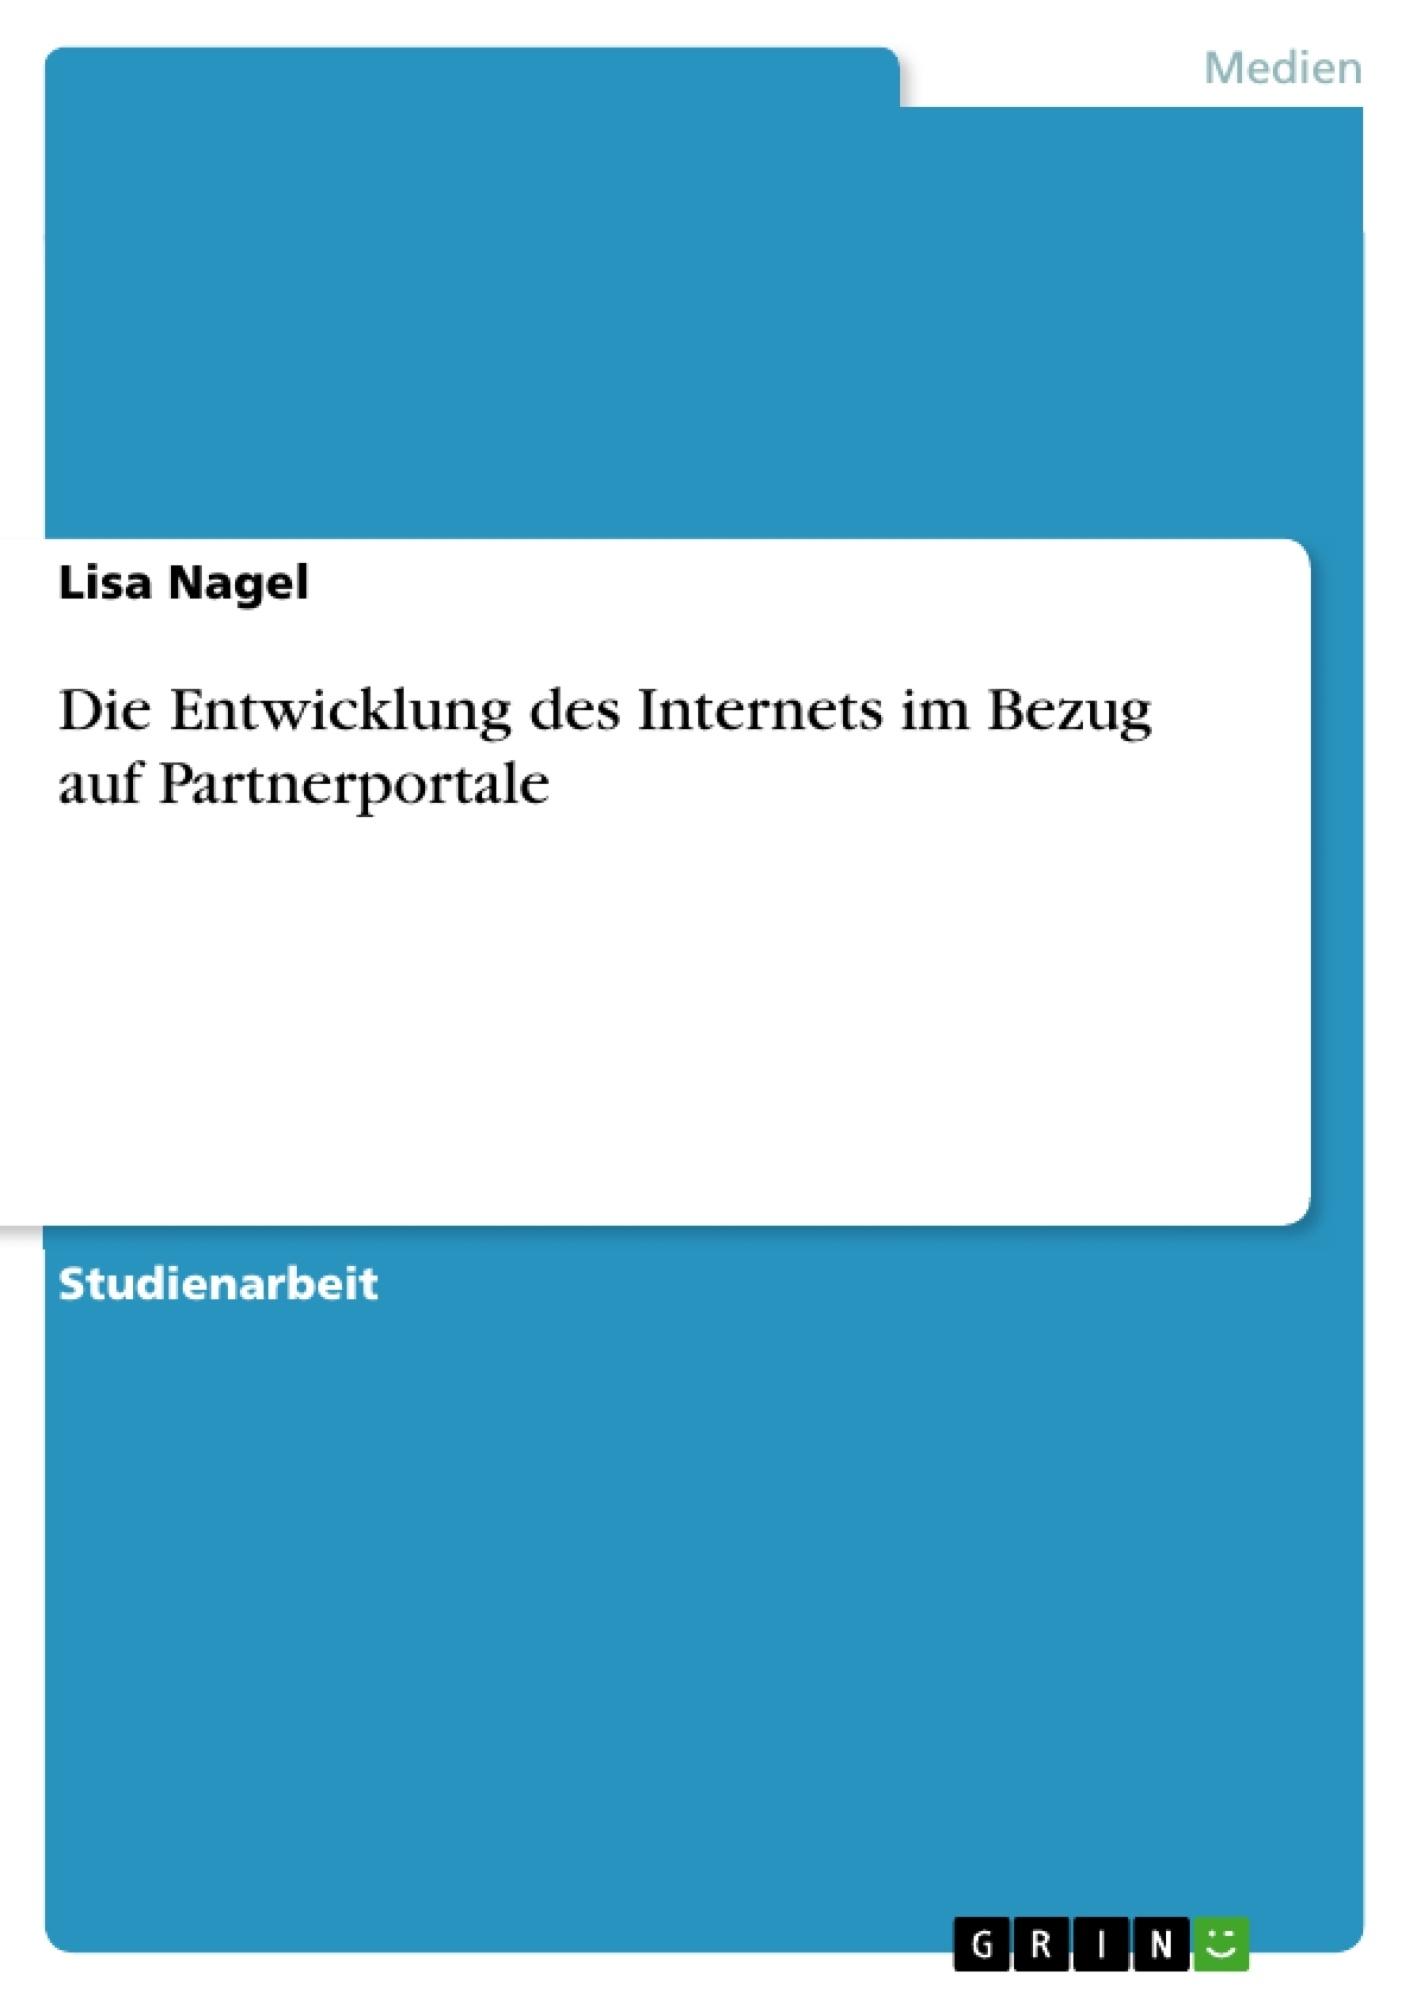 Titel: Die Entwicklung des Internets im Bezug auf Partnerportale